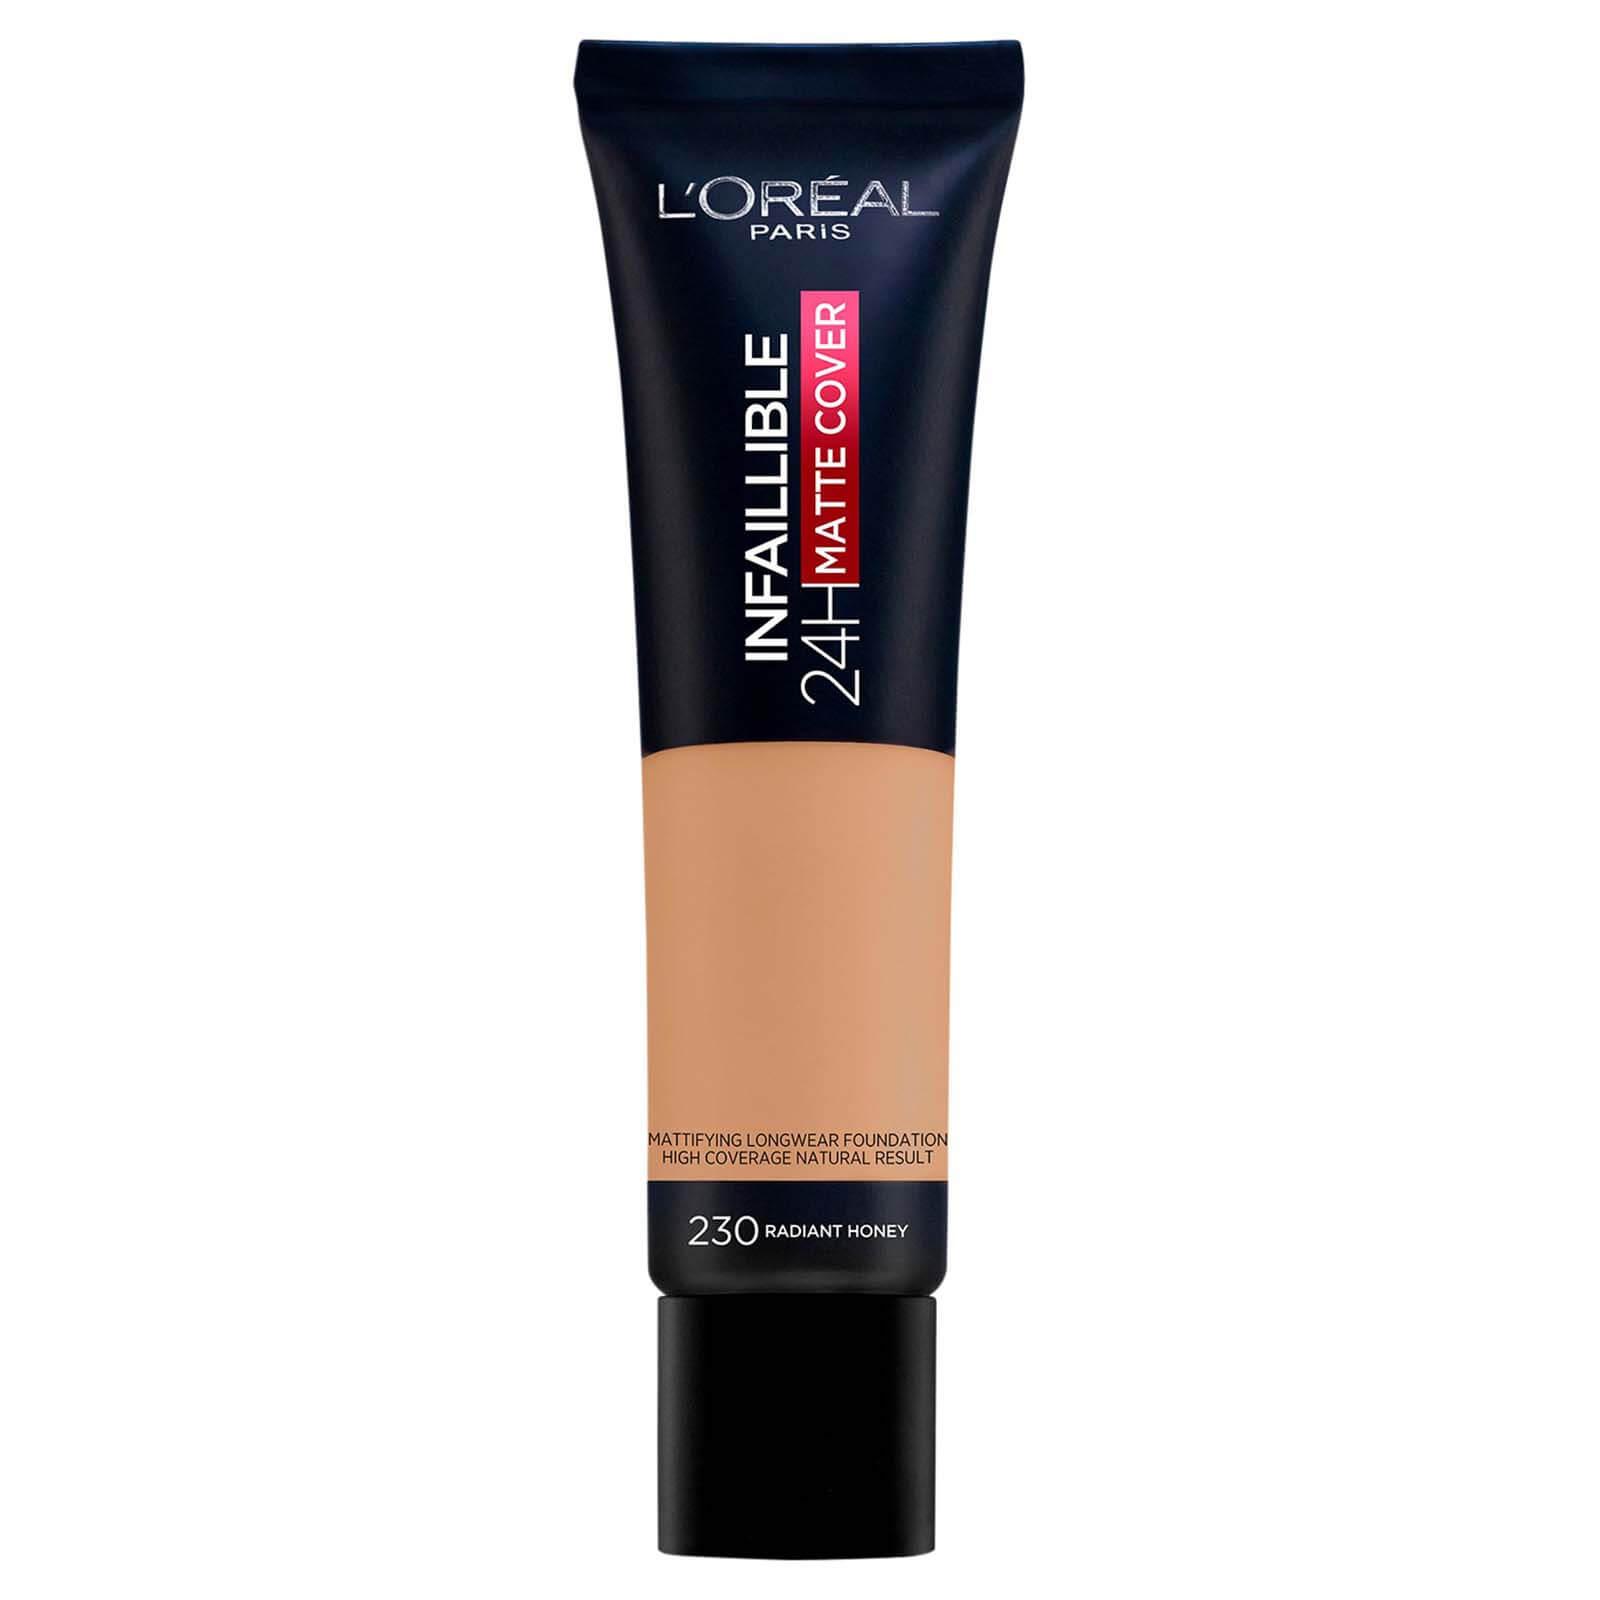 L'Oréal Paris Infallible 24hr Matte Cover Liquid Foundation 35ml (Various Shades) - 230 Radiant Honey